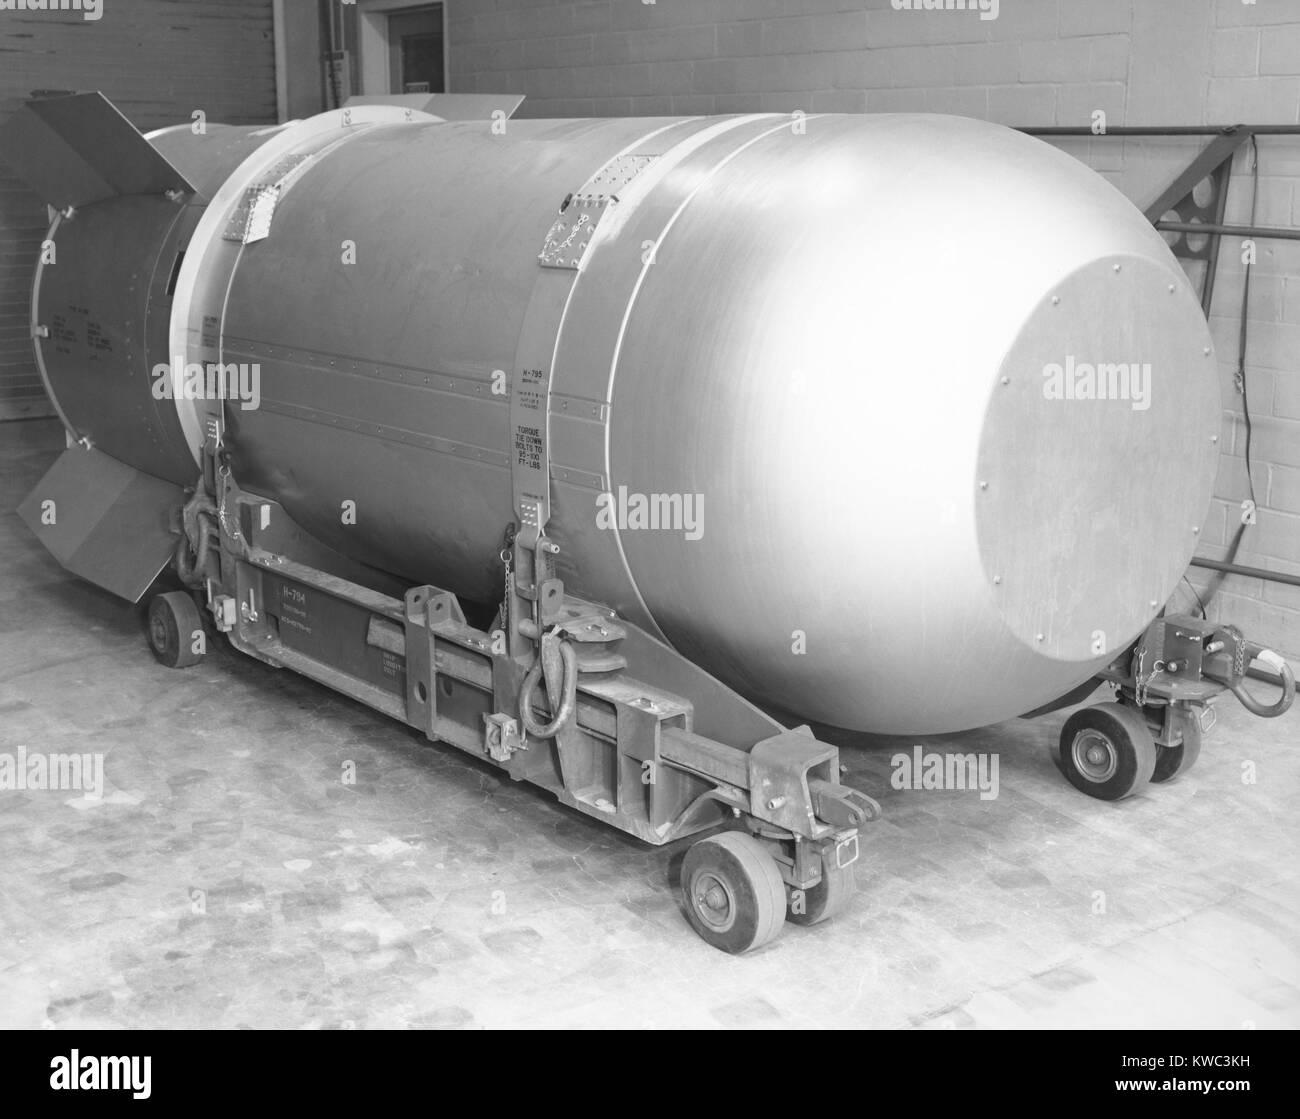 Bomba termonuclear en el arsenal estadounidense en 2004. El Mk/B53 fue uno de alto rendimiento bunker buster arma Imagen De Stock